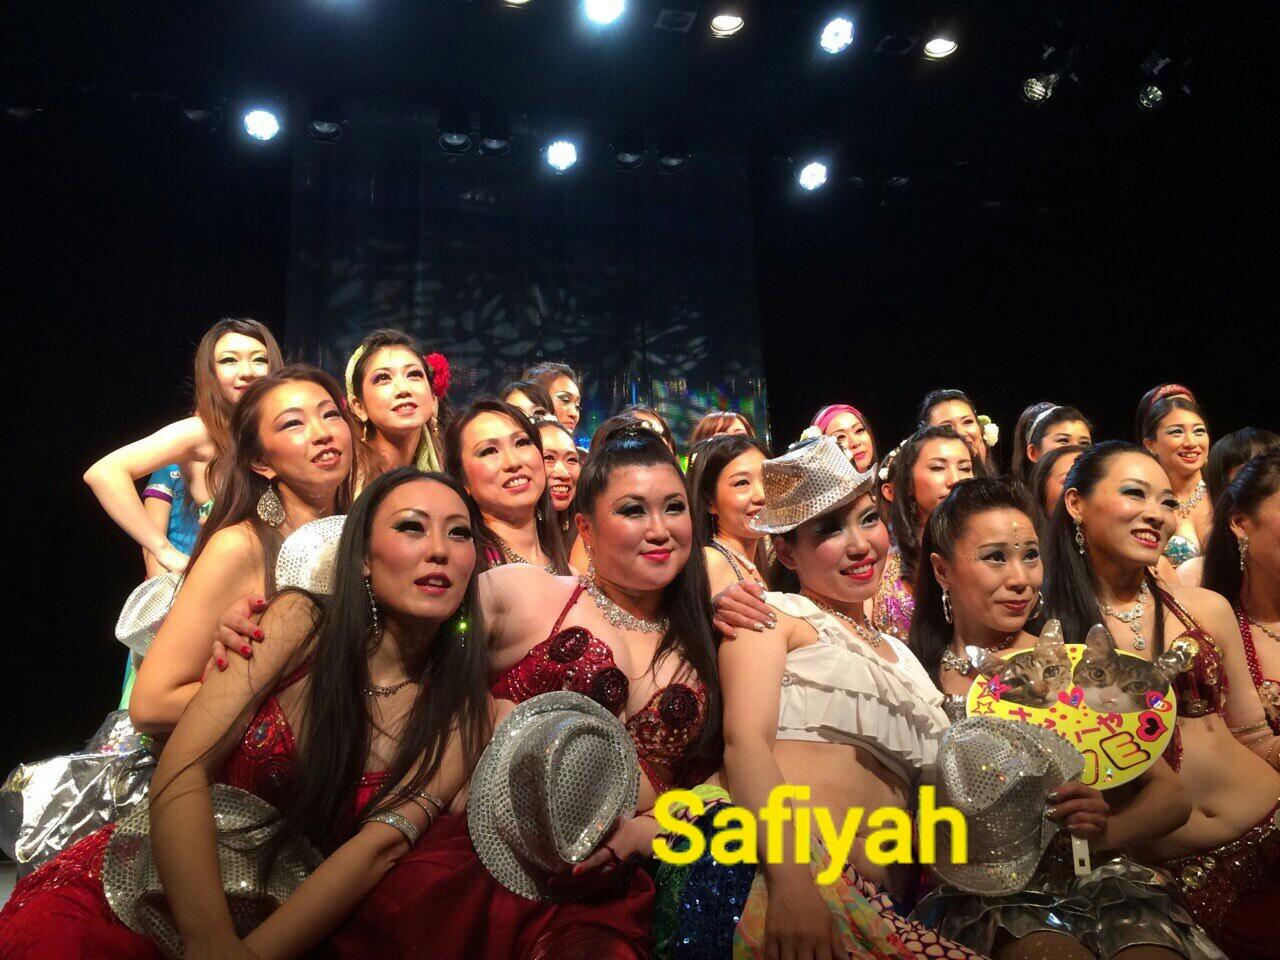 Safiyah発表会集合写真☆